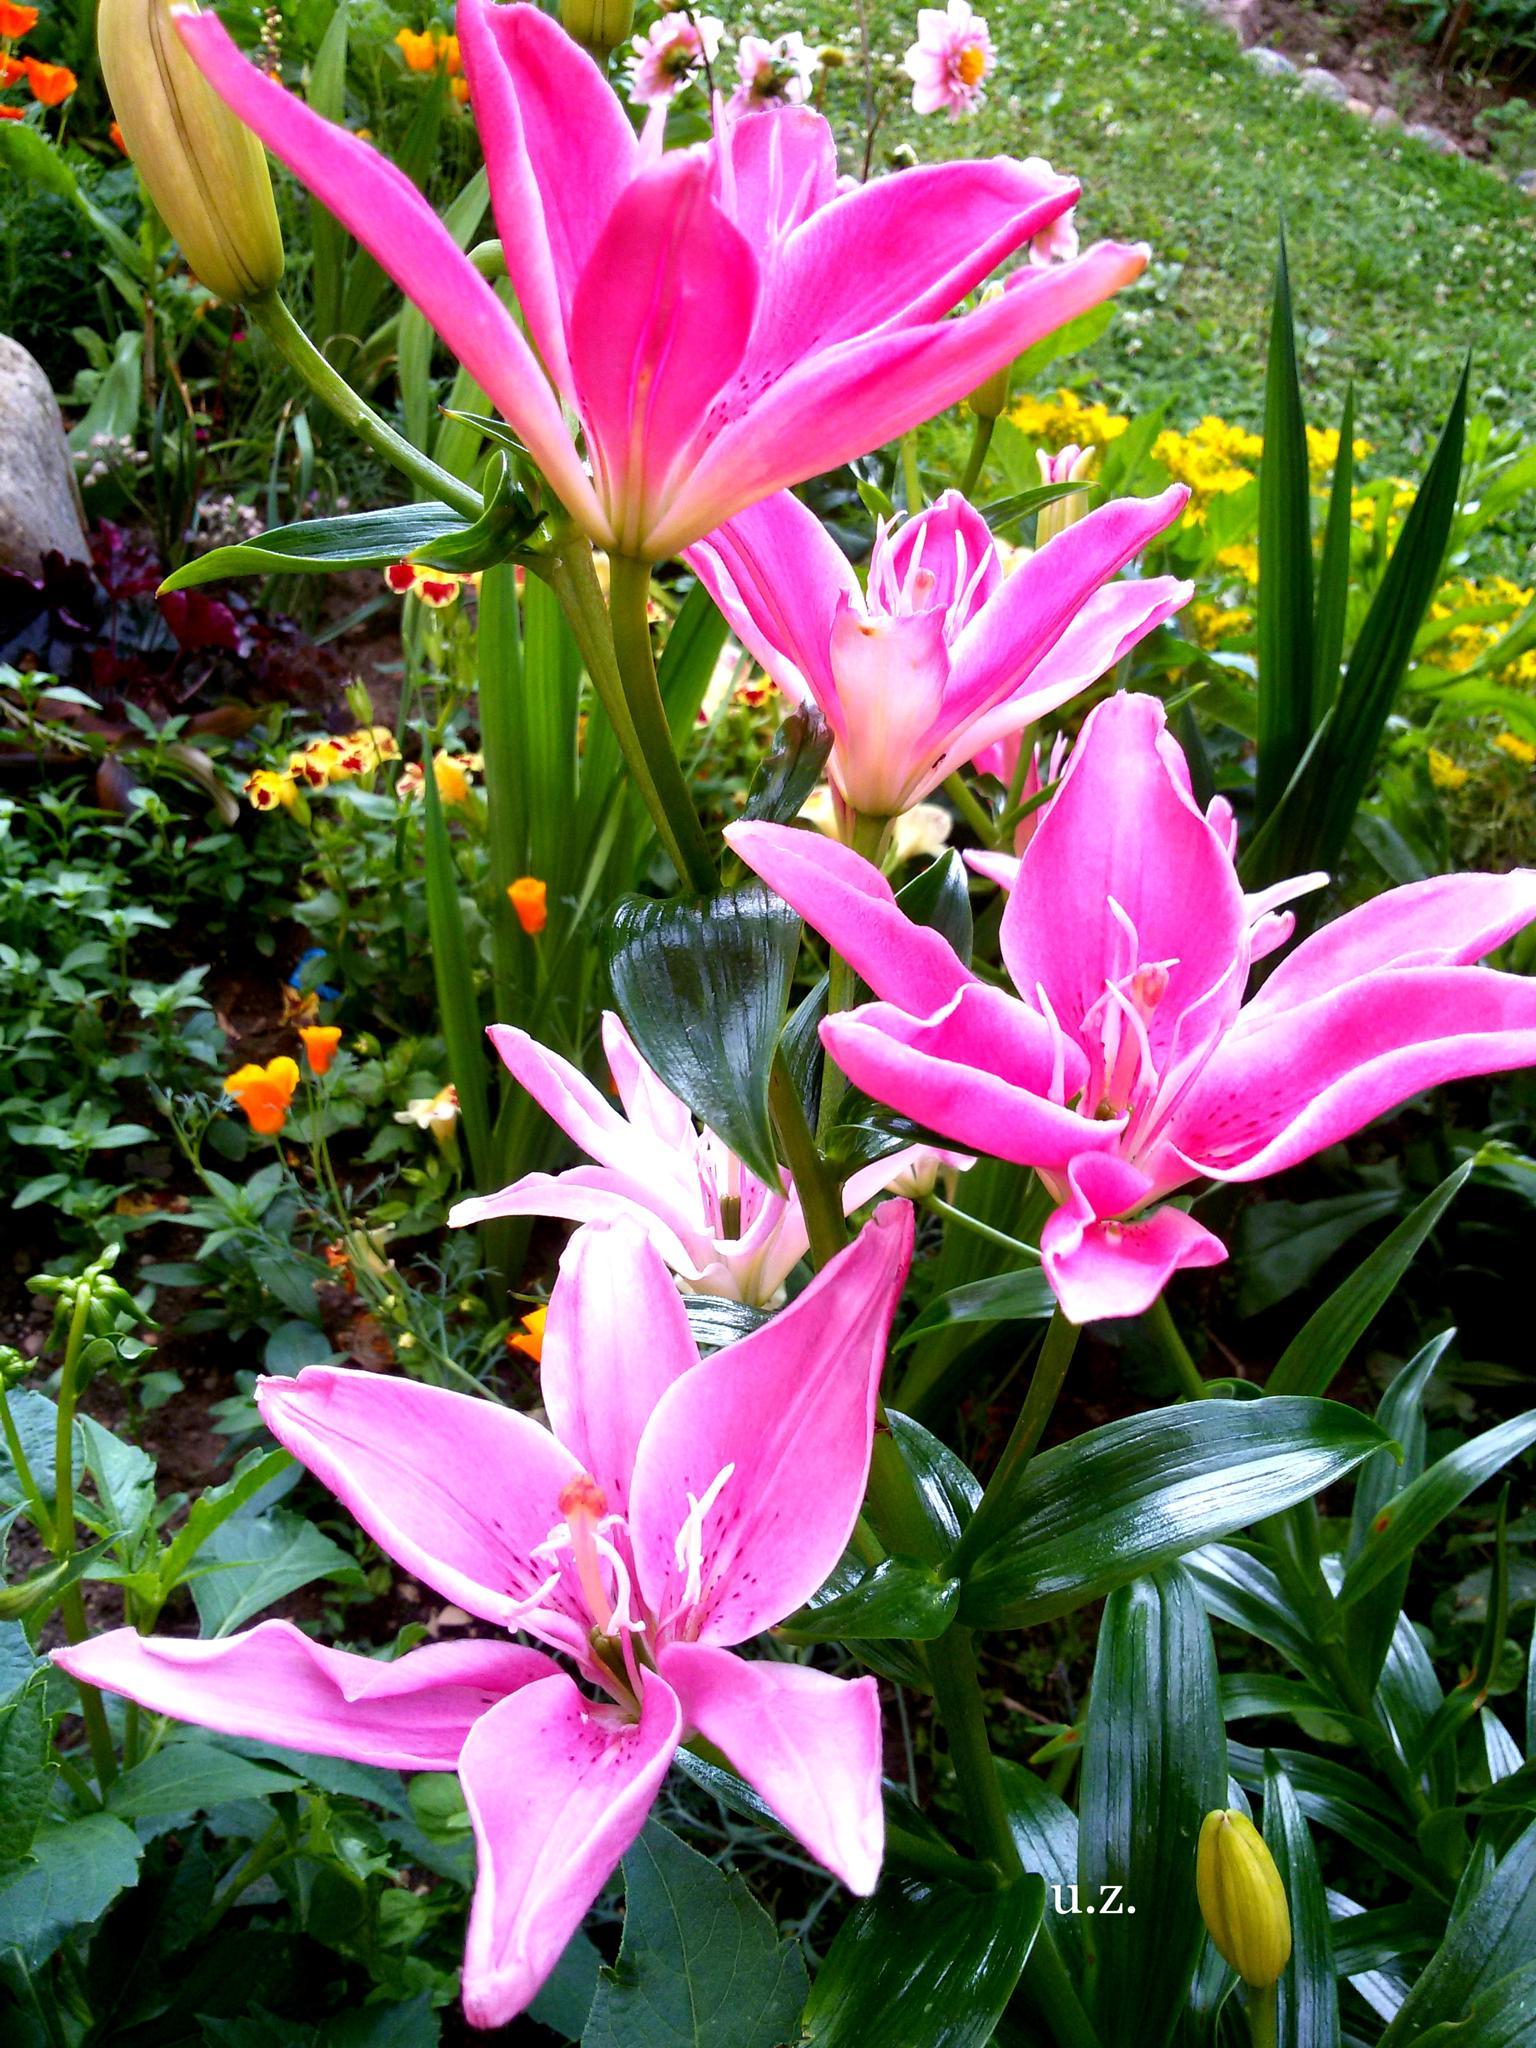 Lilyflower garden by uzkuraitiene62